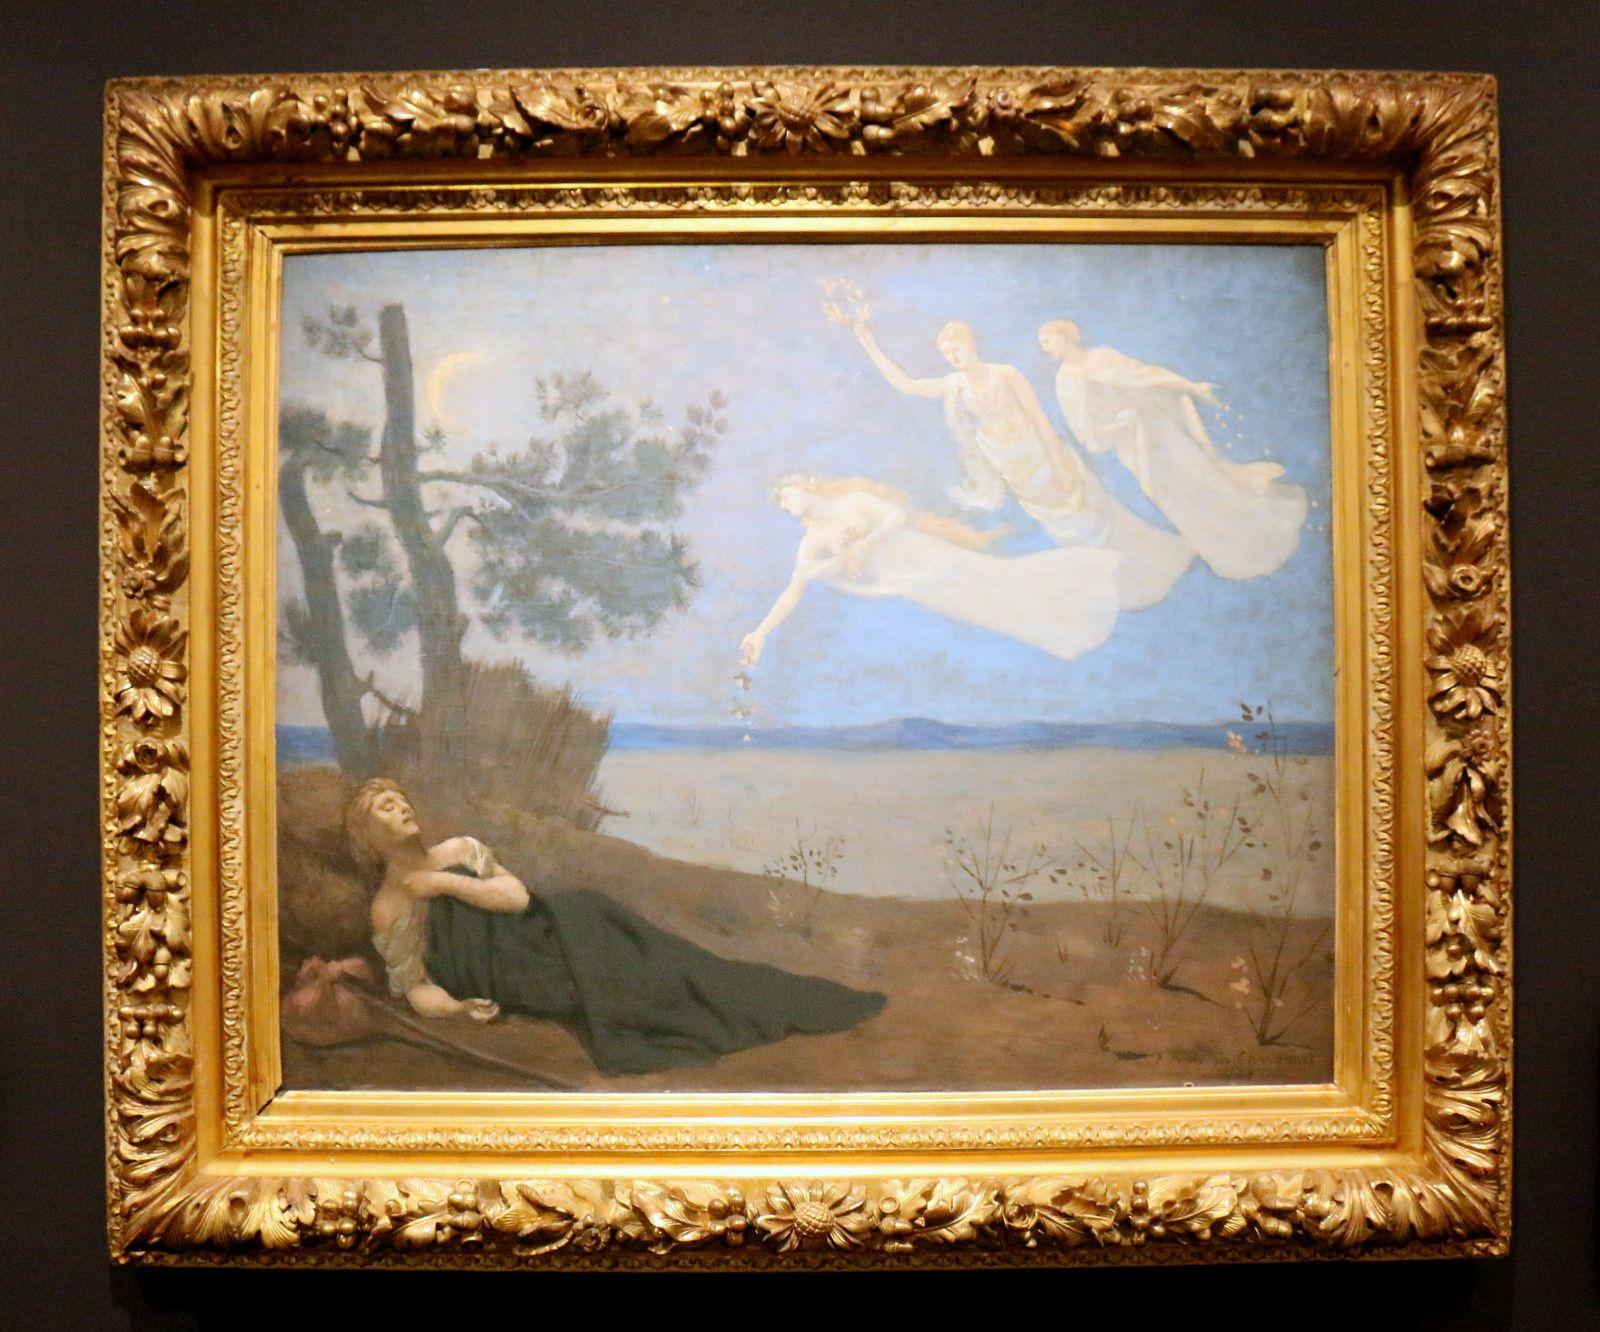 Le Rêve, tableau de Pierre Puvis de Chavannes